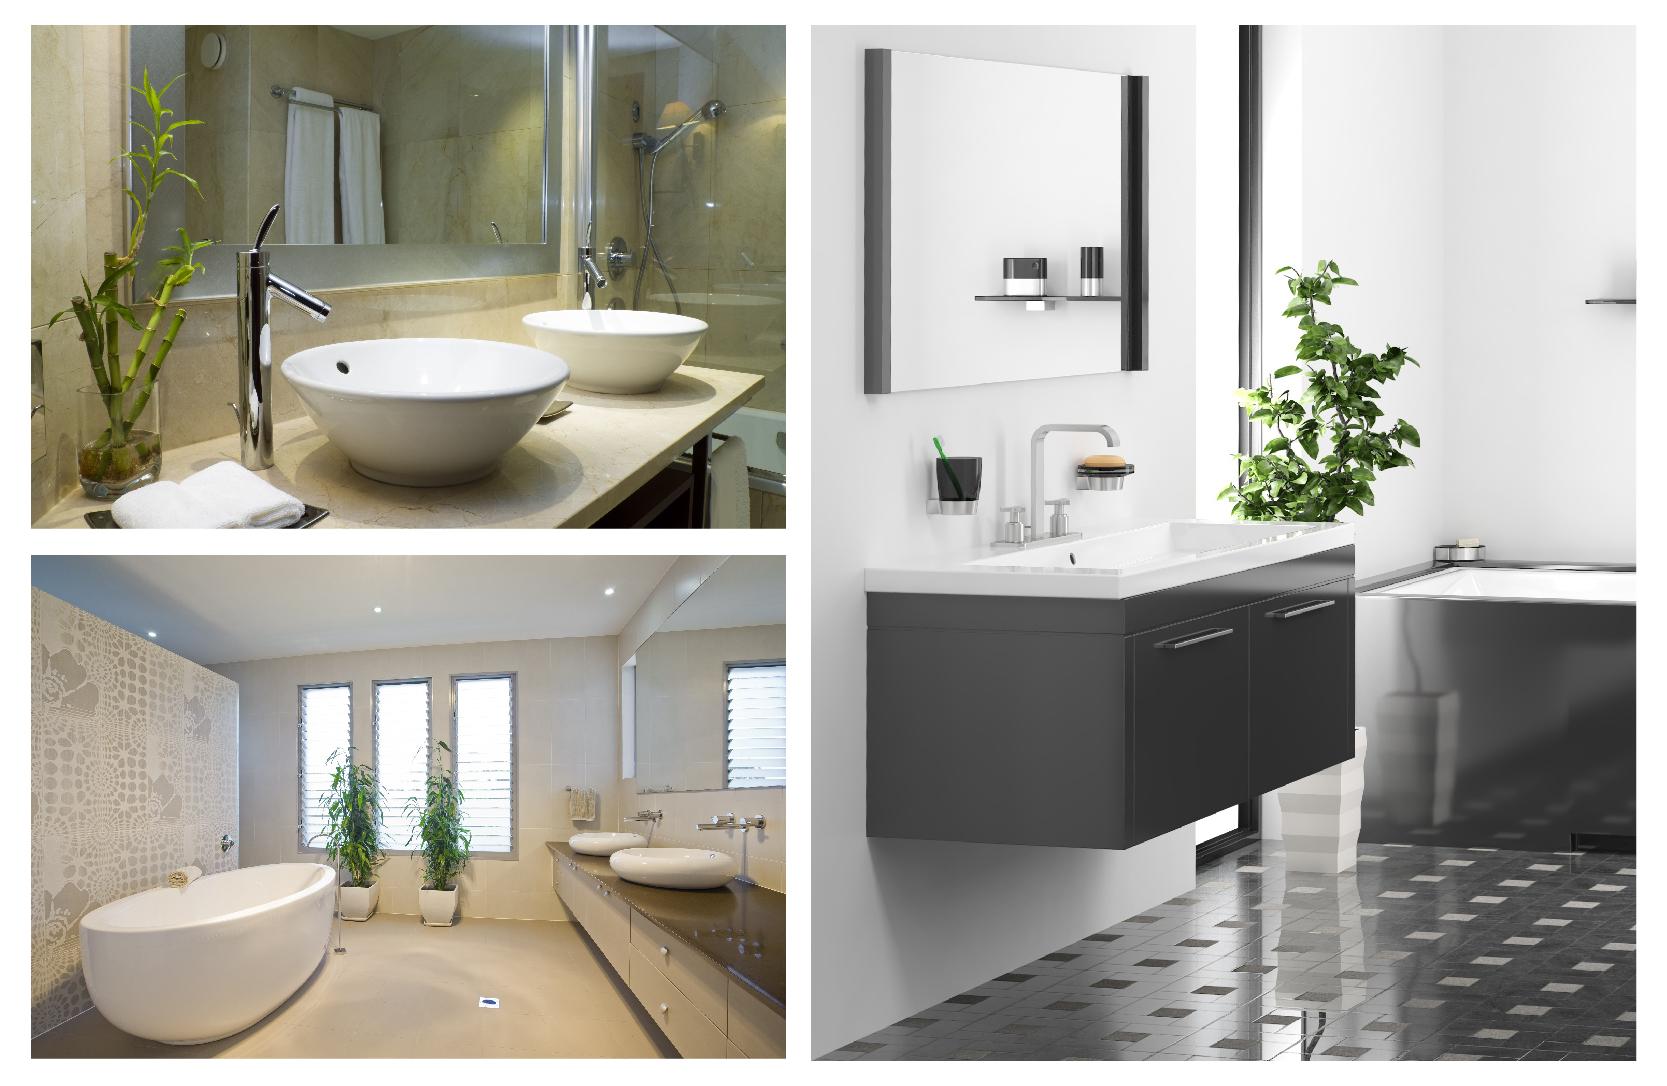 utiliza-algo-de-naturaleza-en-baños.jpg